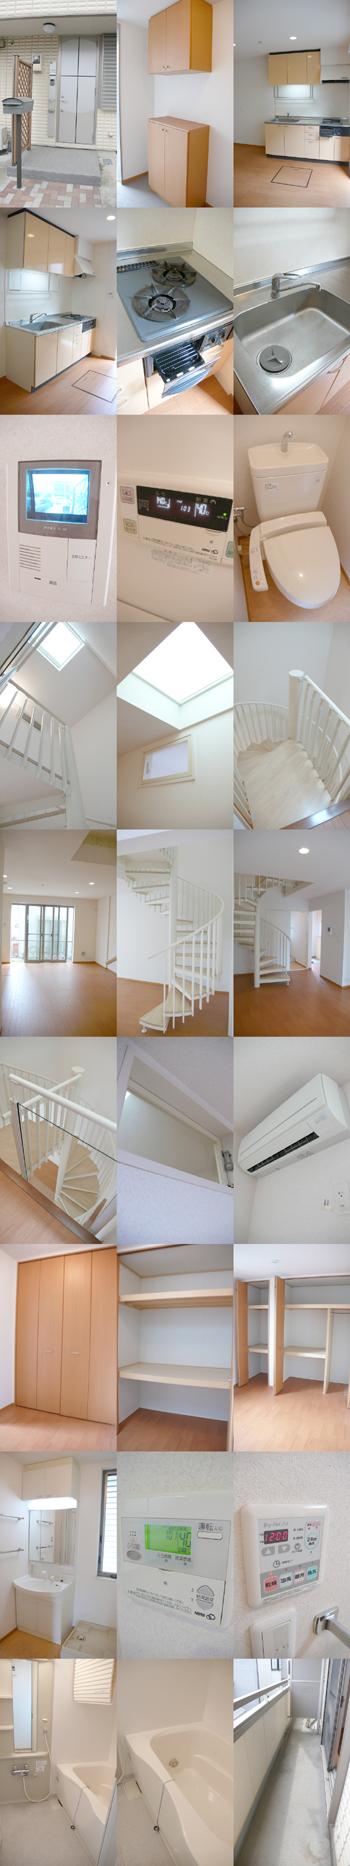 ■物件番号3847 海5分!らせん階段がオシャレな築浅2LDKテラスハウス!8.2万円!プレジオ西浜!